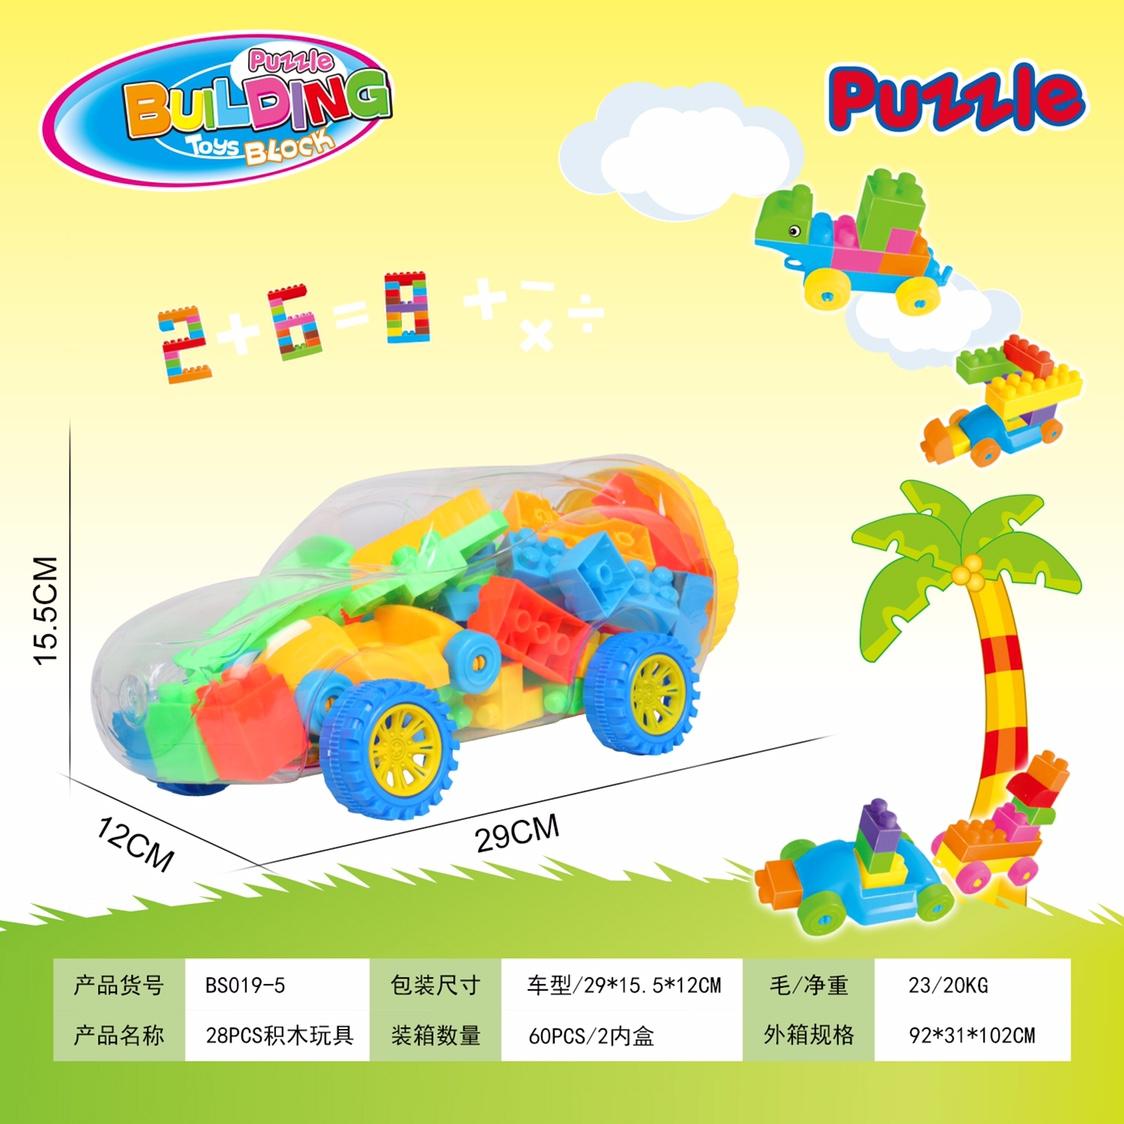 儿童积木3-6周岁塑料拼装玩具女孩2男孩子宝宝5益智力4拼插大颗粒1019-5